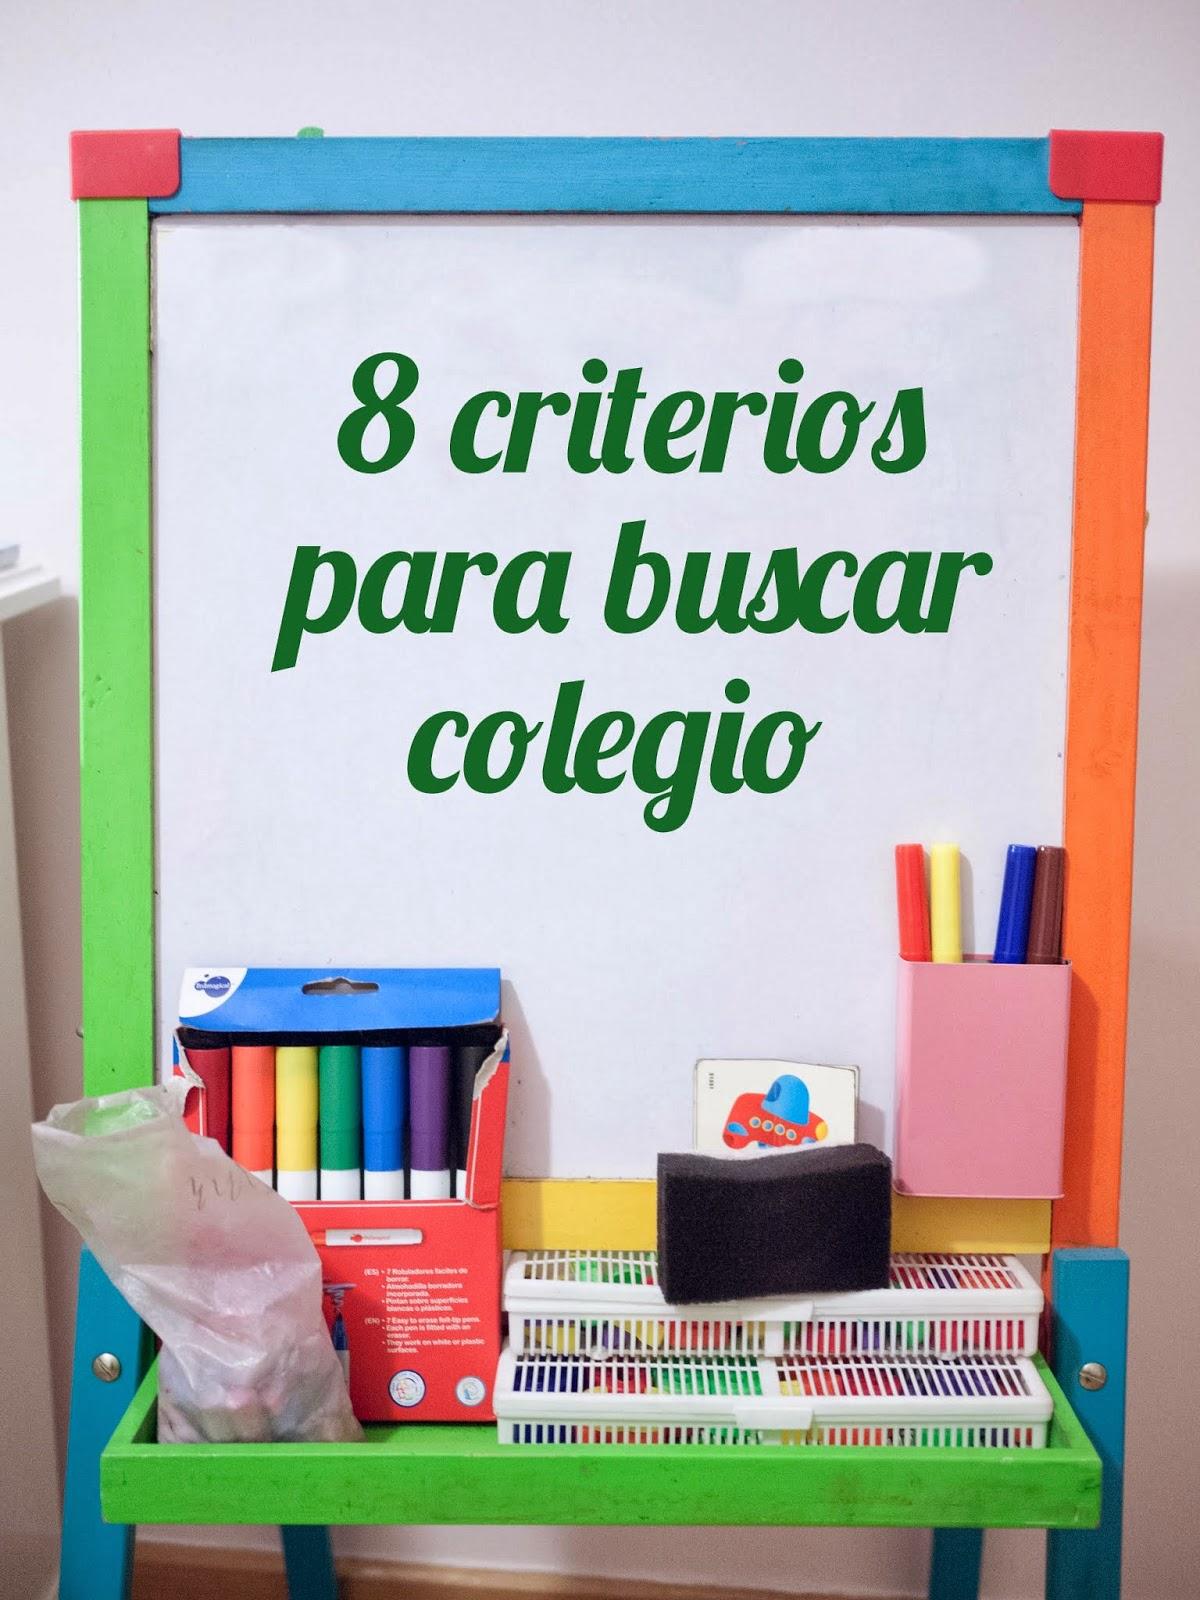 8 criterios para buscar colegio